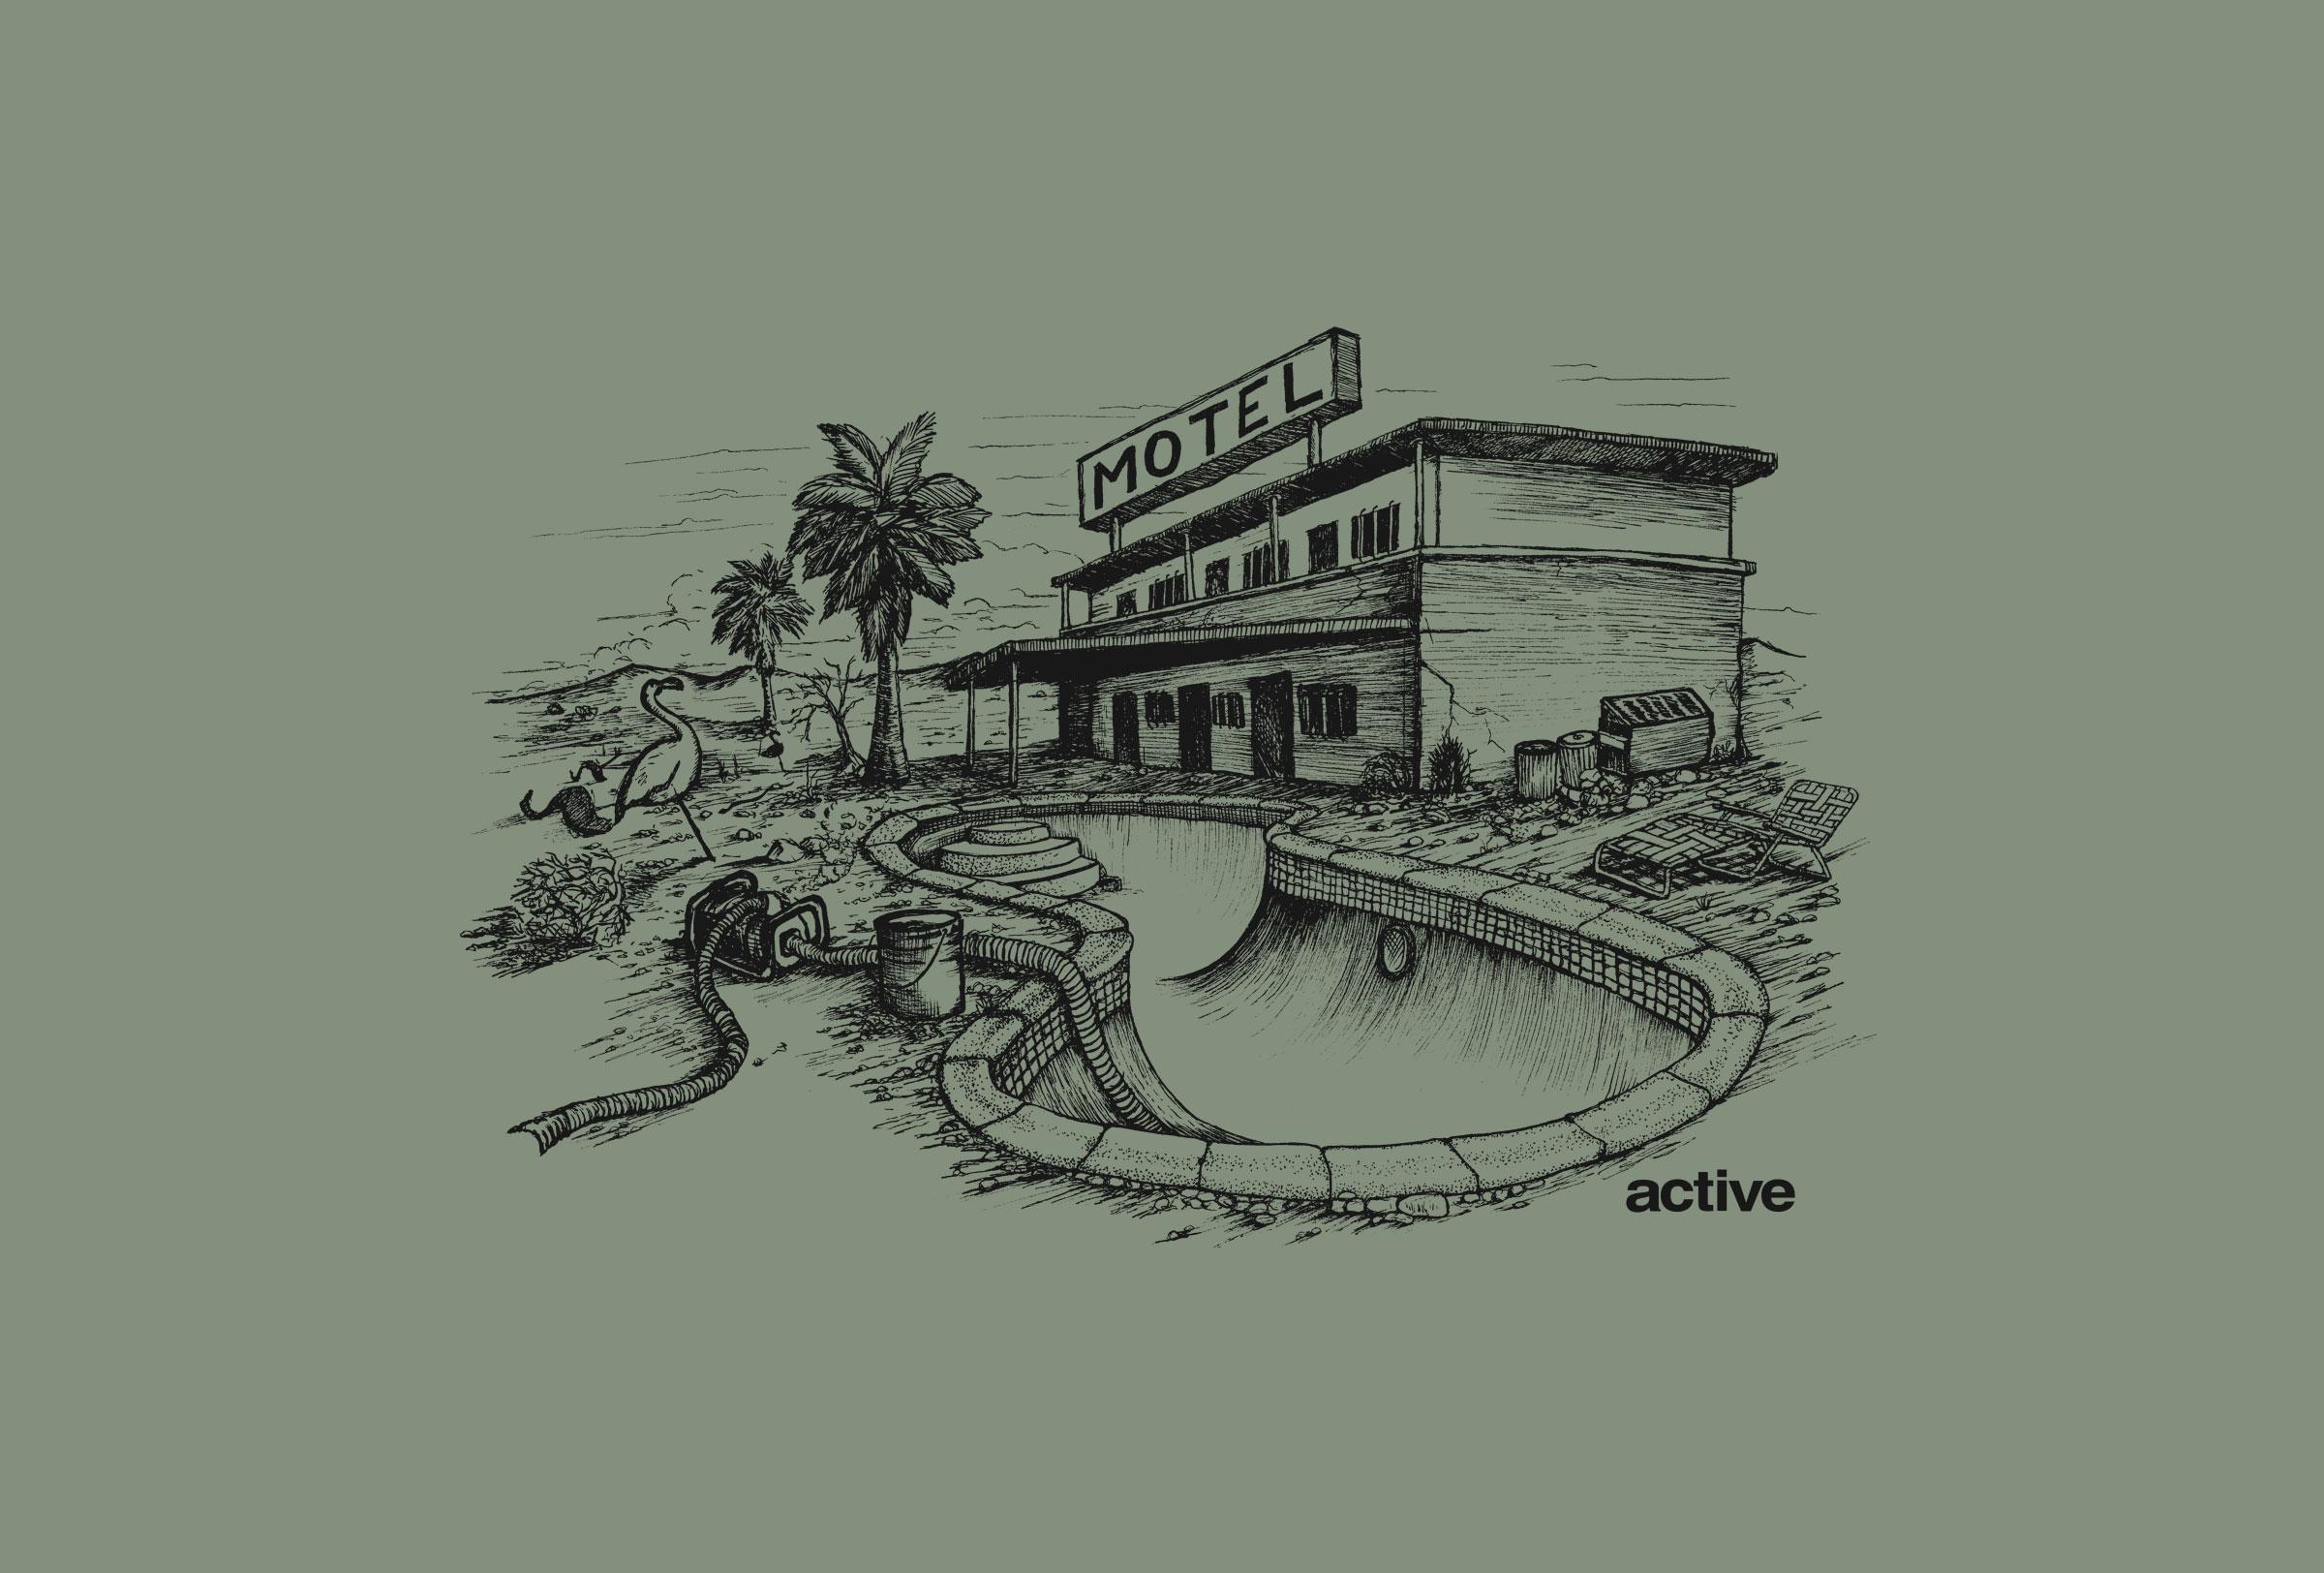 active_new_13